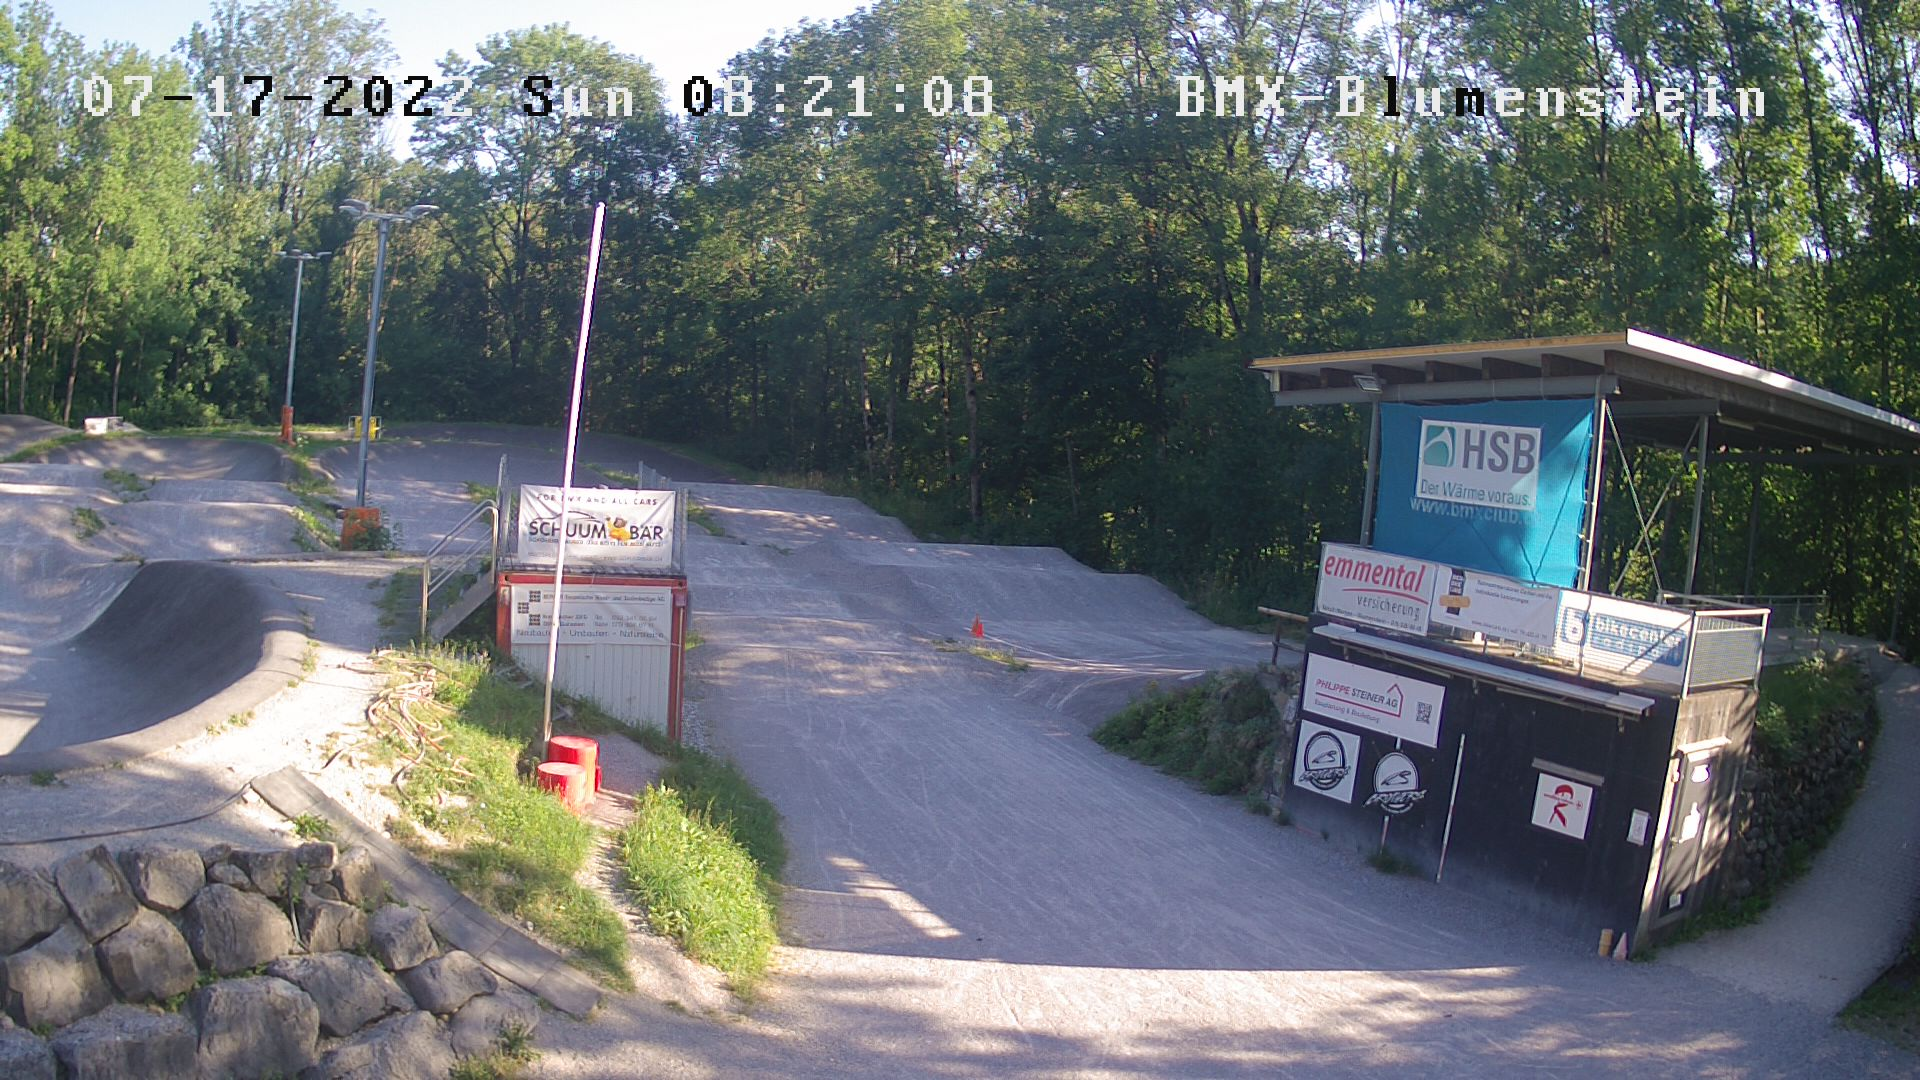 Webcam - BMX Blumenstein